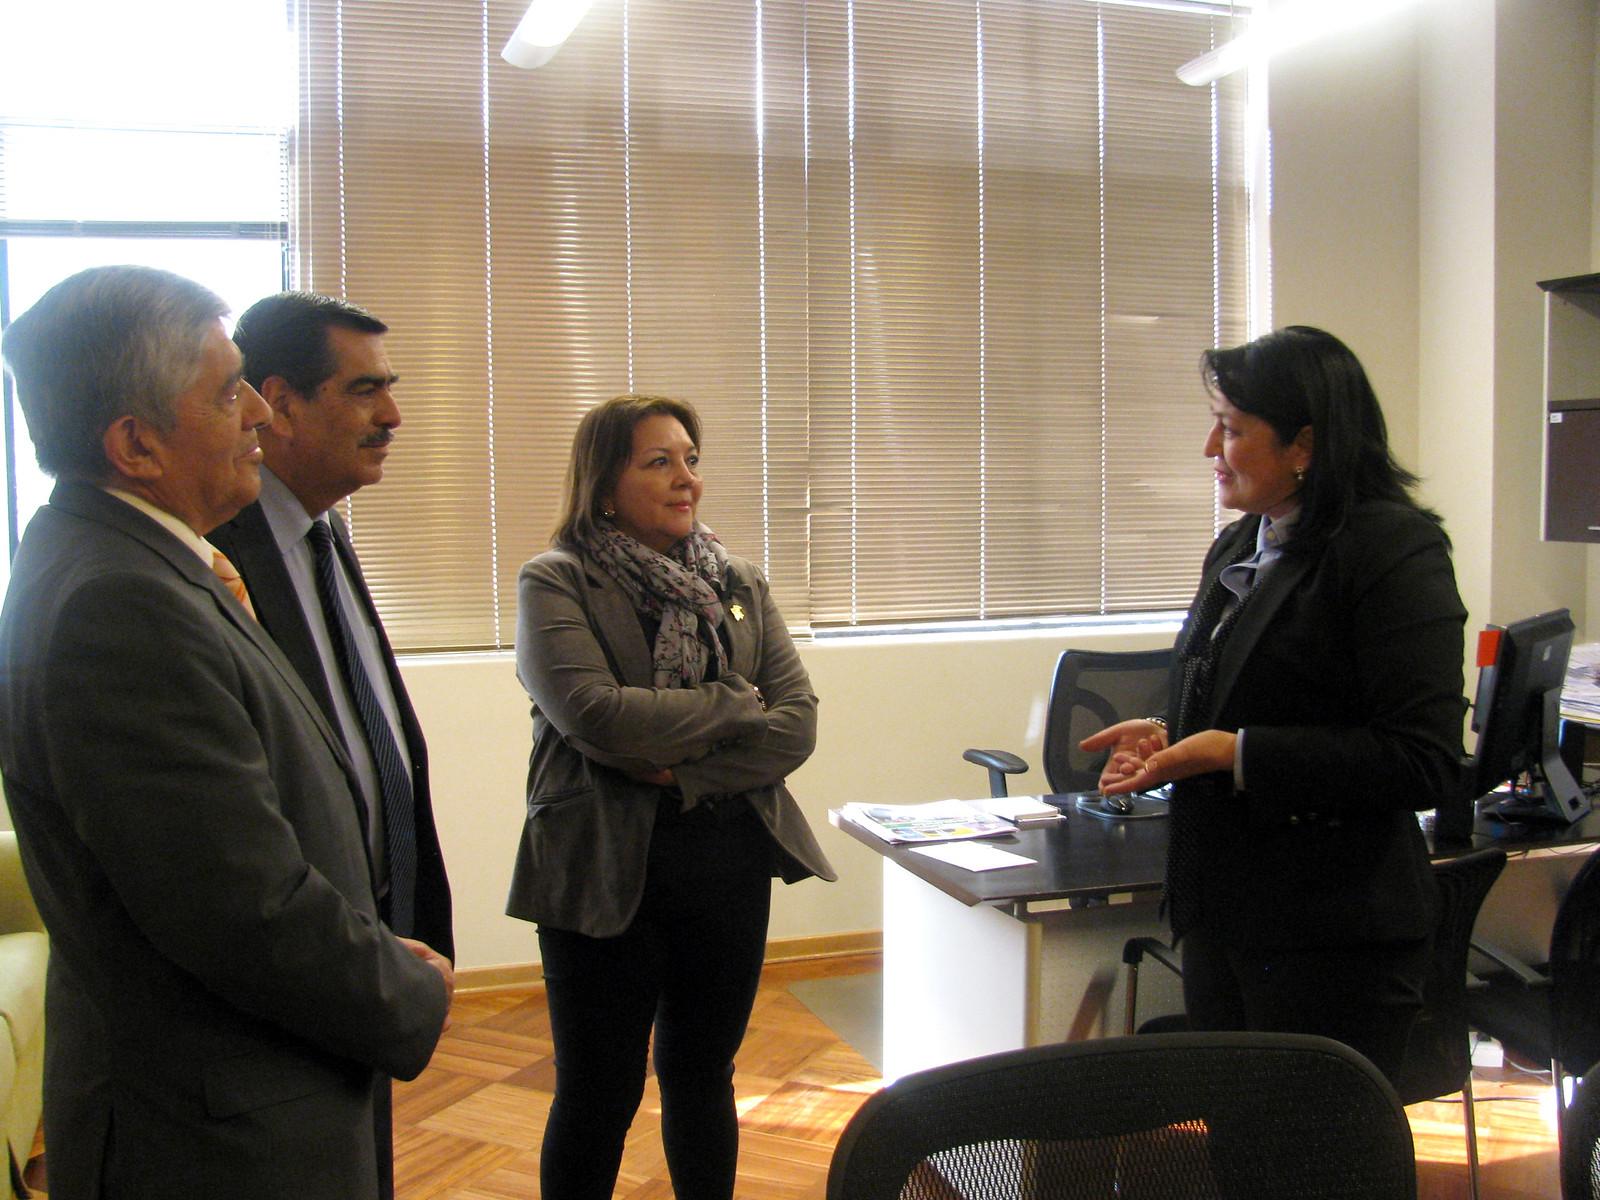 Directiva ANEC da la bienvenida a nueva Subcontralora General - 15 Septiembre 2016